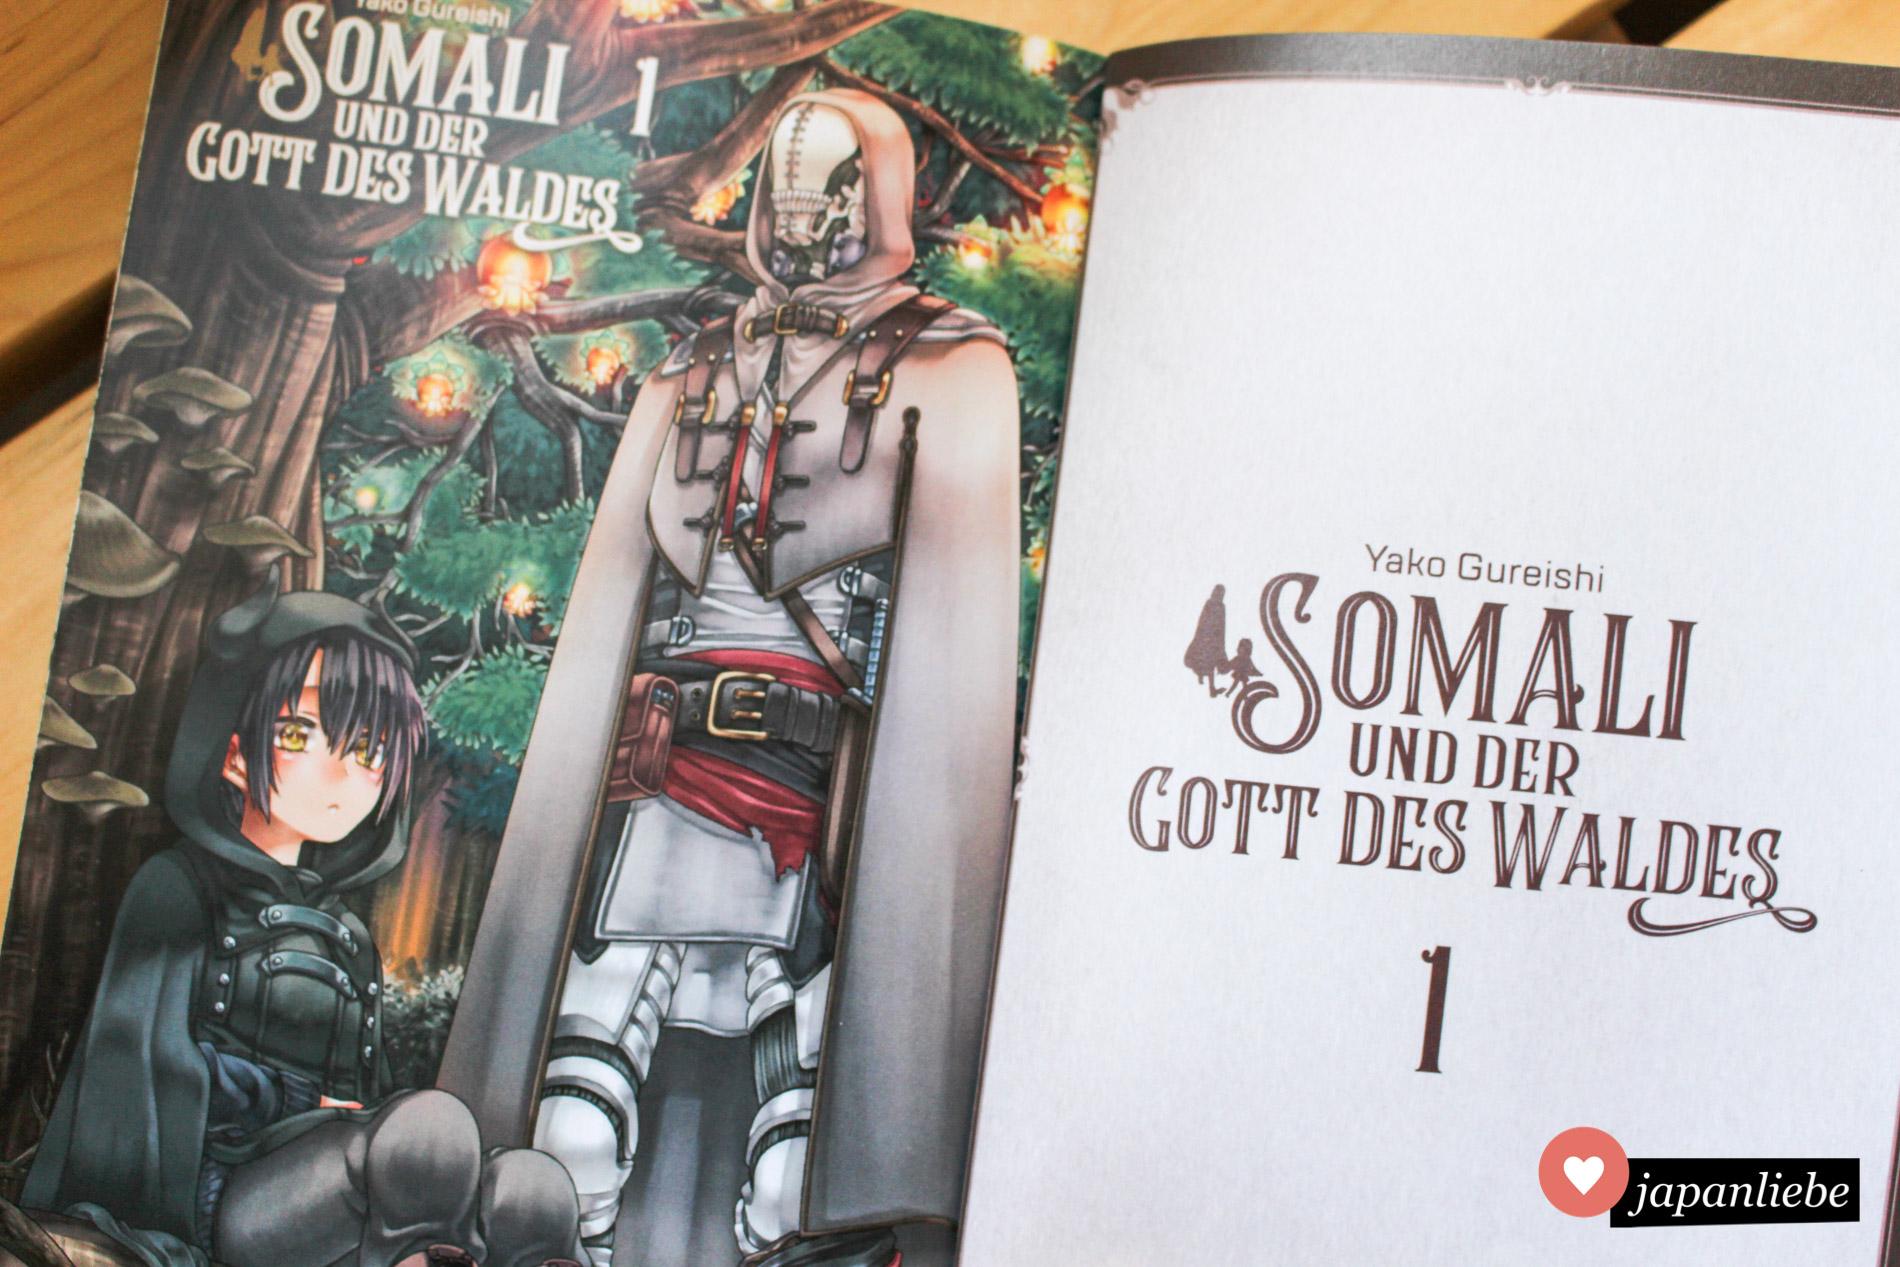 """""""Somali und der Gott des waldes"""" ist wie alle Bücher von Manga Cult sehr schön ausgestattet mit UV-Lack-Applikationen auf dem Cover und einer Farbseite zu Beginn."""